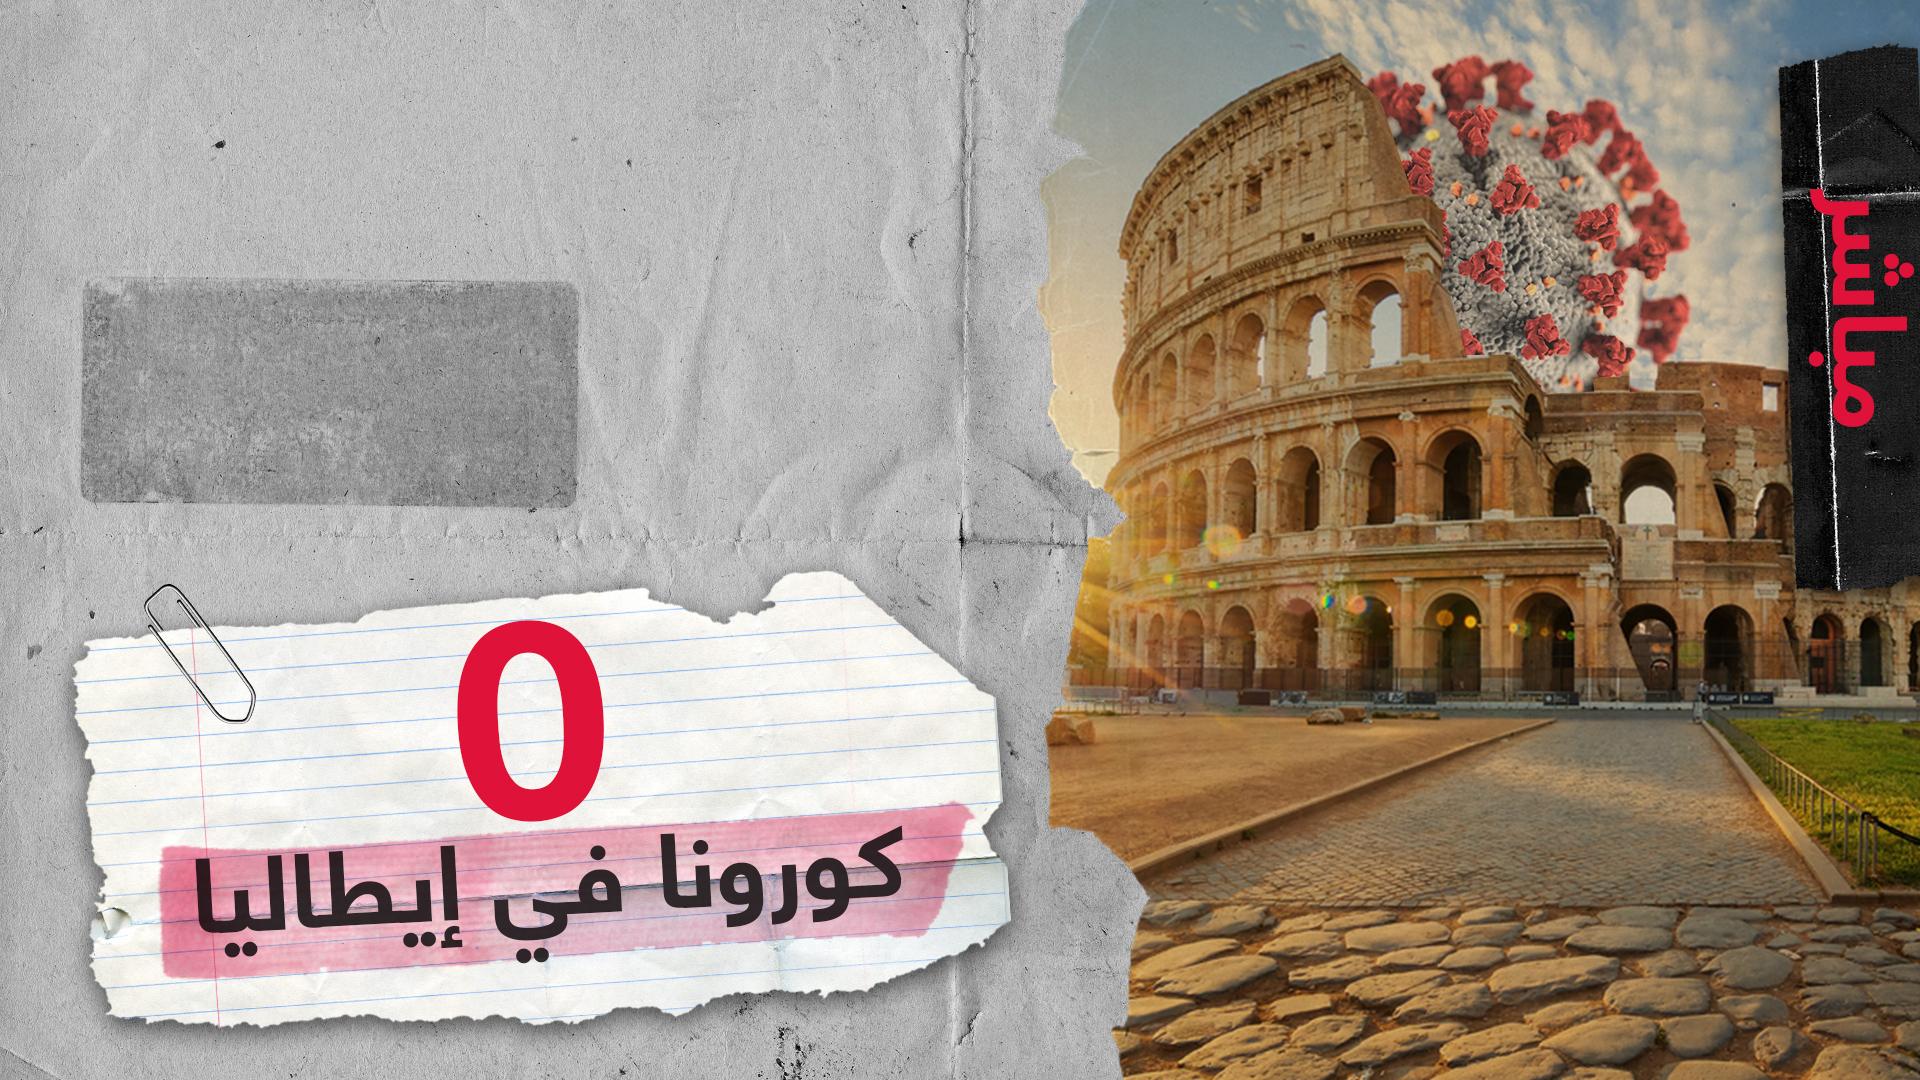 ماذا تخبئ الأيام القادمة لإيطاليا؟ هل تصدق التوقعات بانحسار الوباء هناك؟